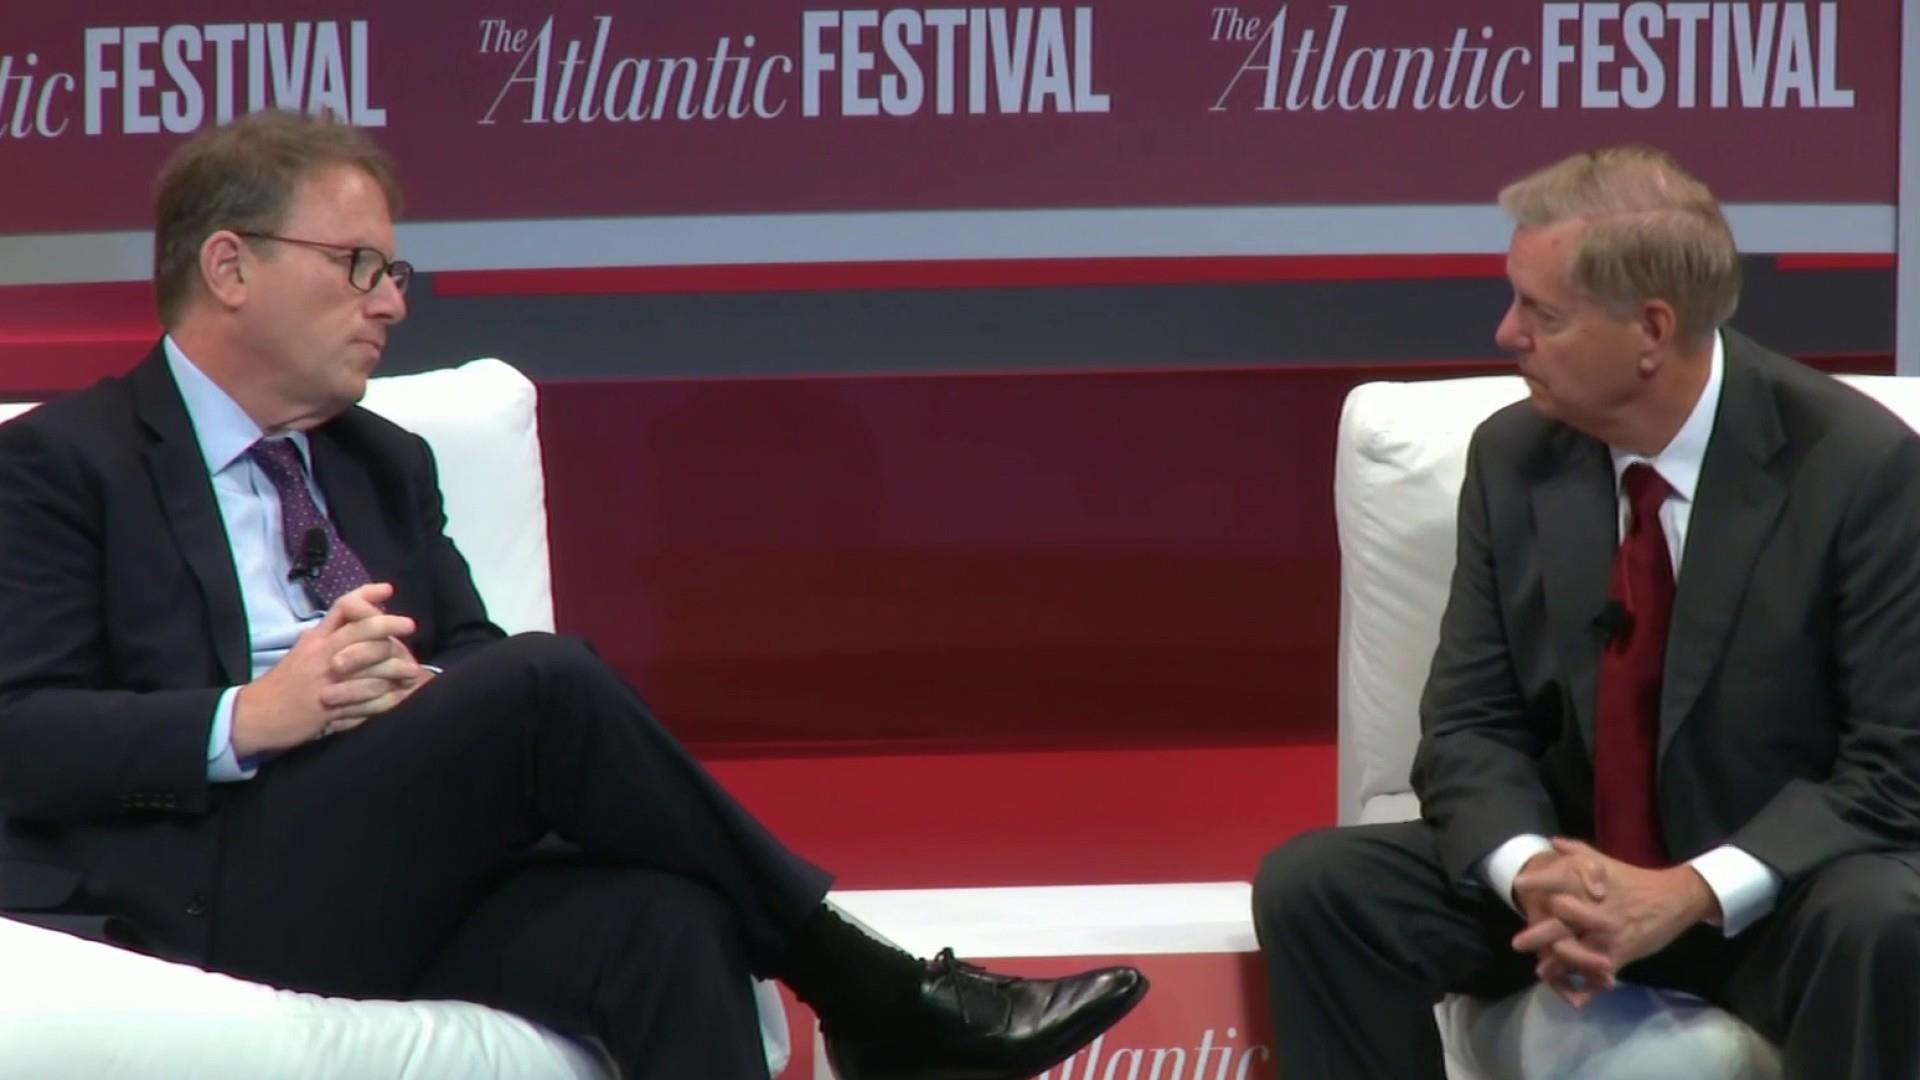 Graham tells Atlantic McCain's death left vacuum in senate